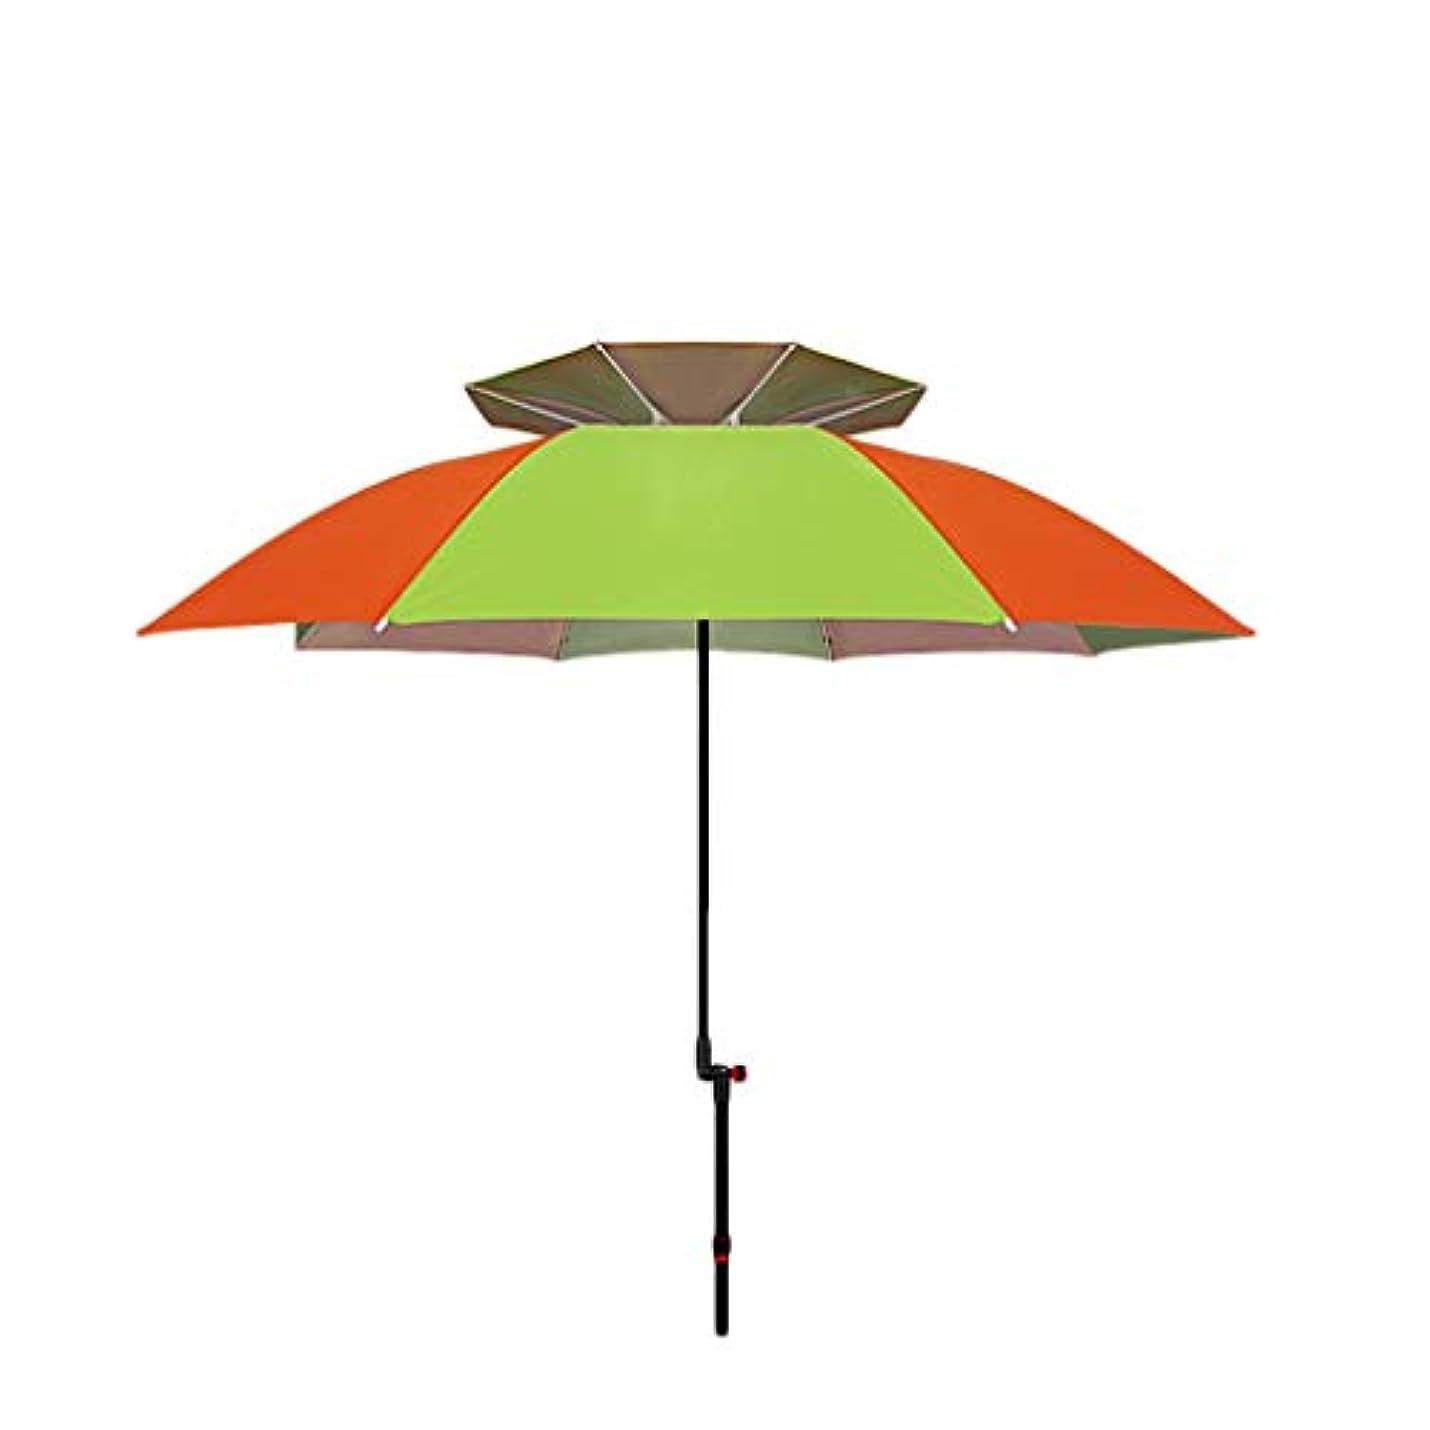 パラダイスアッティカス幸運な日傘アルミ合金シルバーガム布日焼け止め雨折りたたみ傘屋外サンシェード傘 (Size : H2.1m)